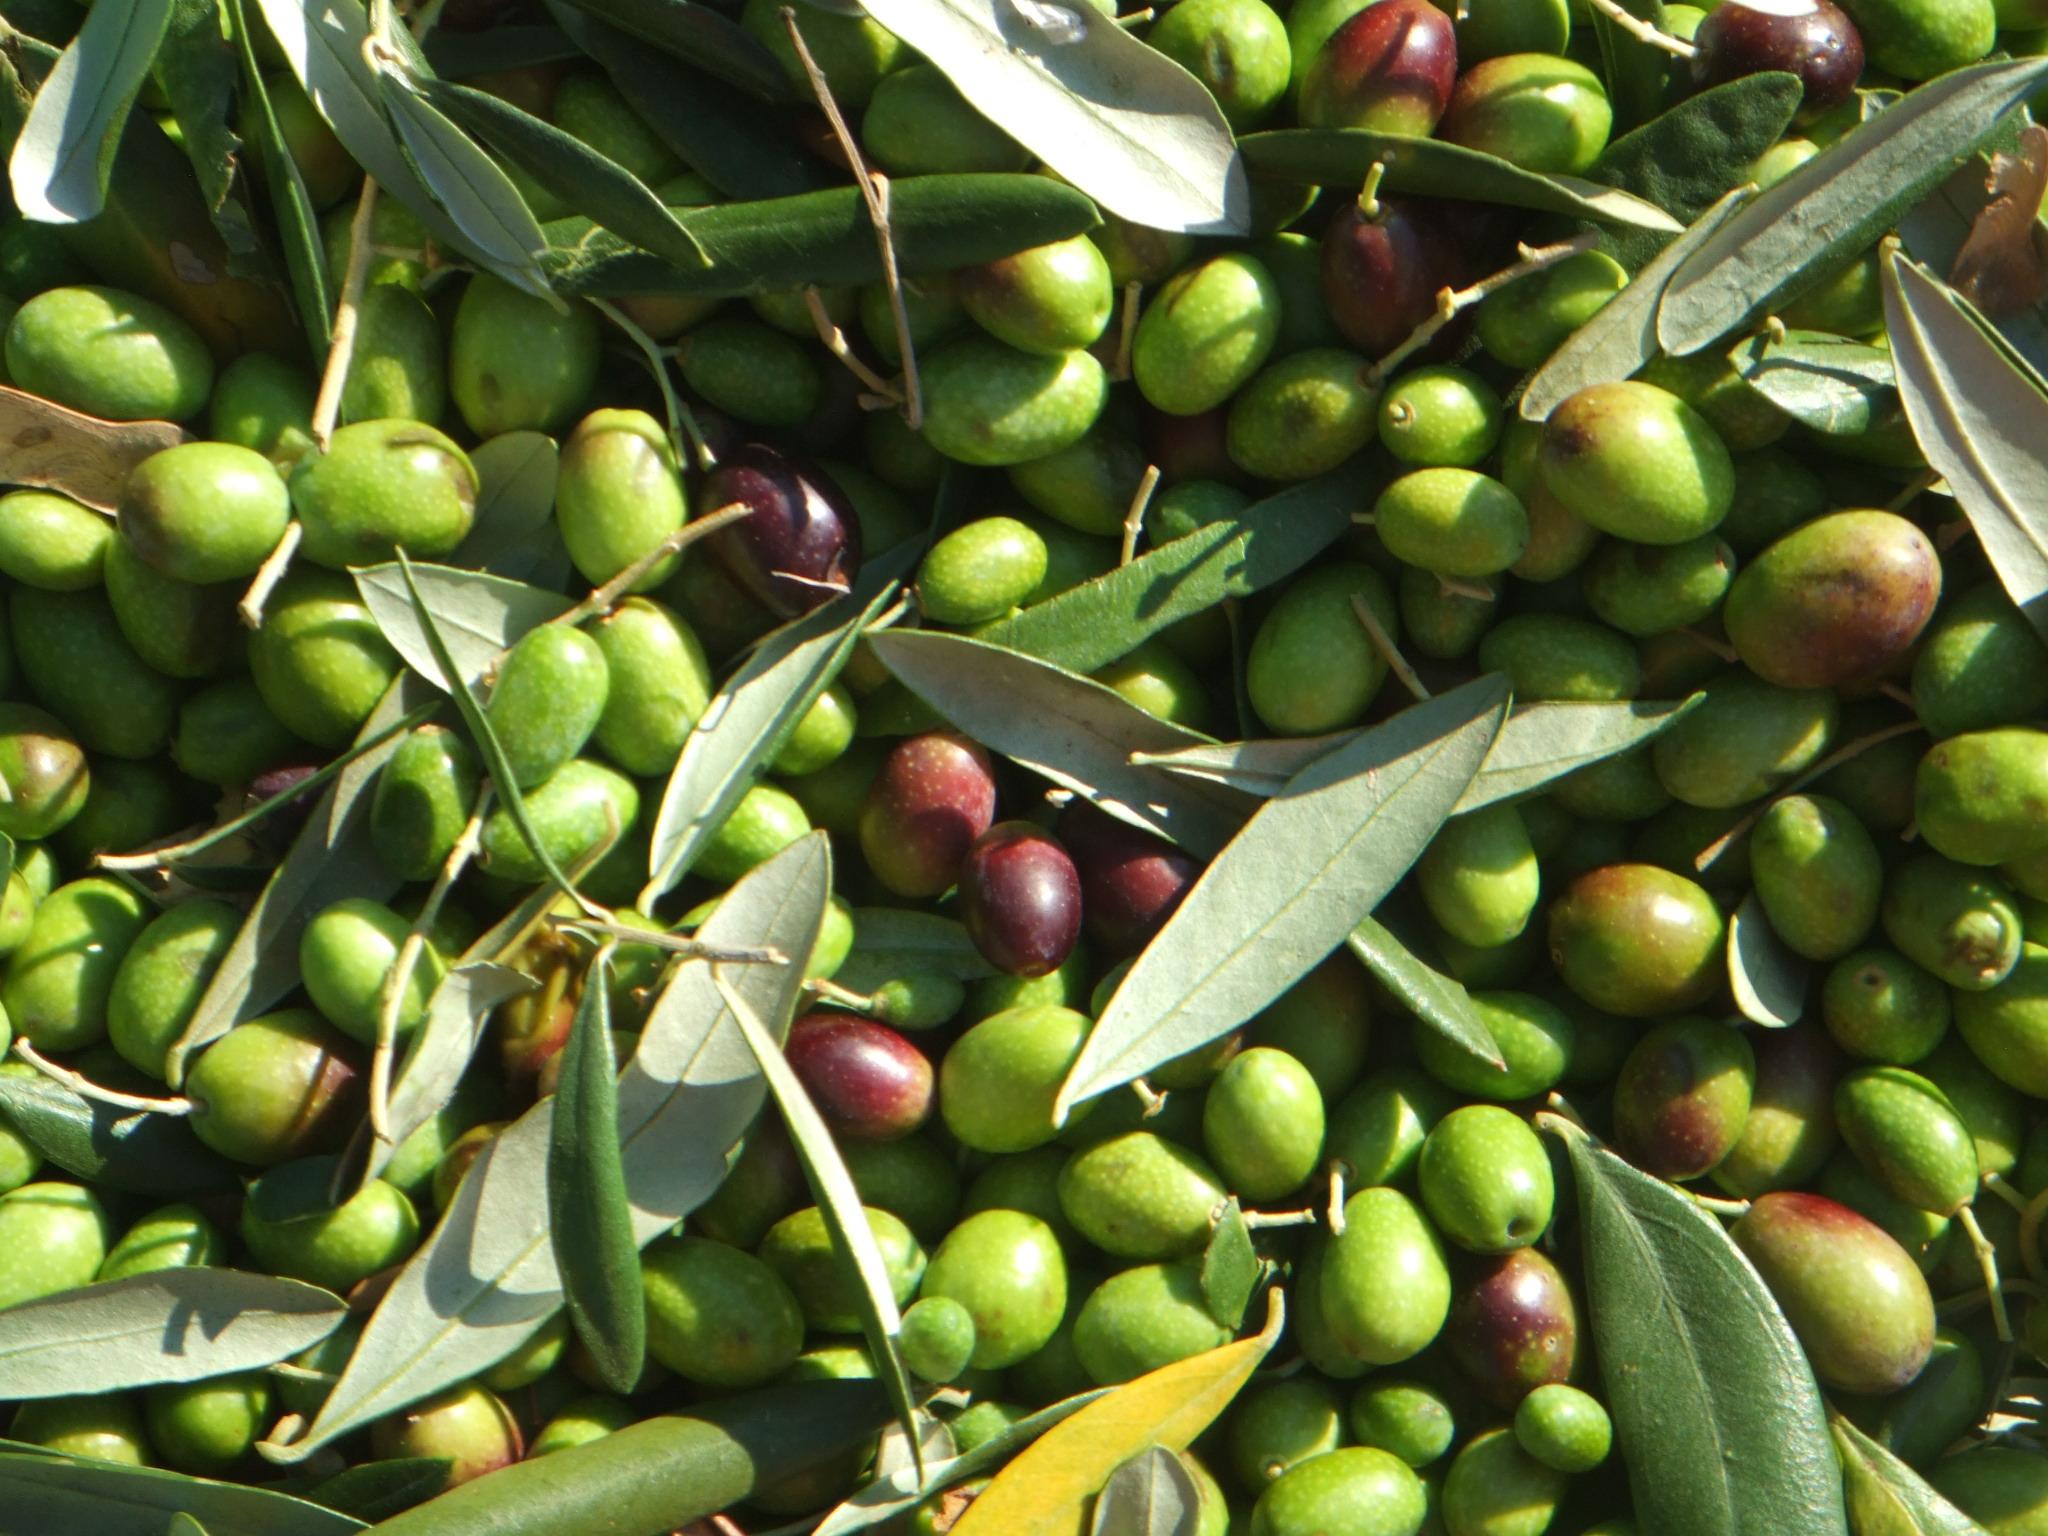 رتبه نخست زنجان در تولید زیتون کشور/جای خالی زیتون طارم در بازارهای جهانی